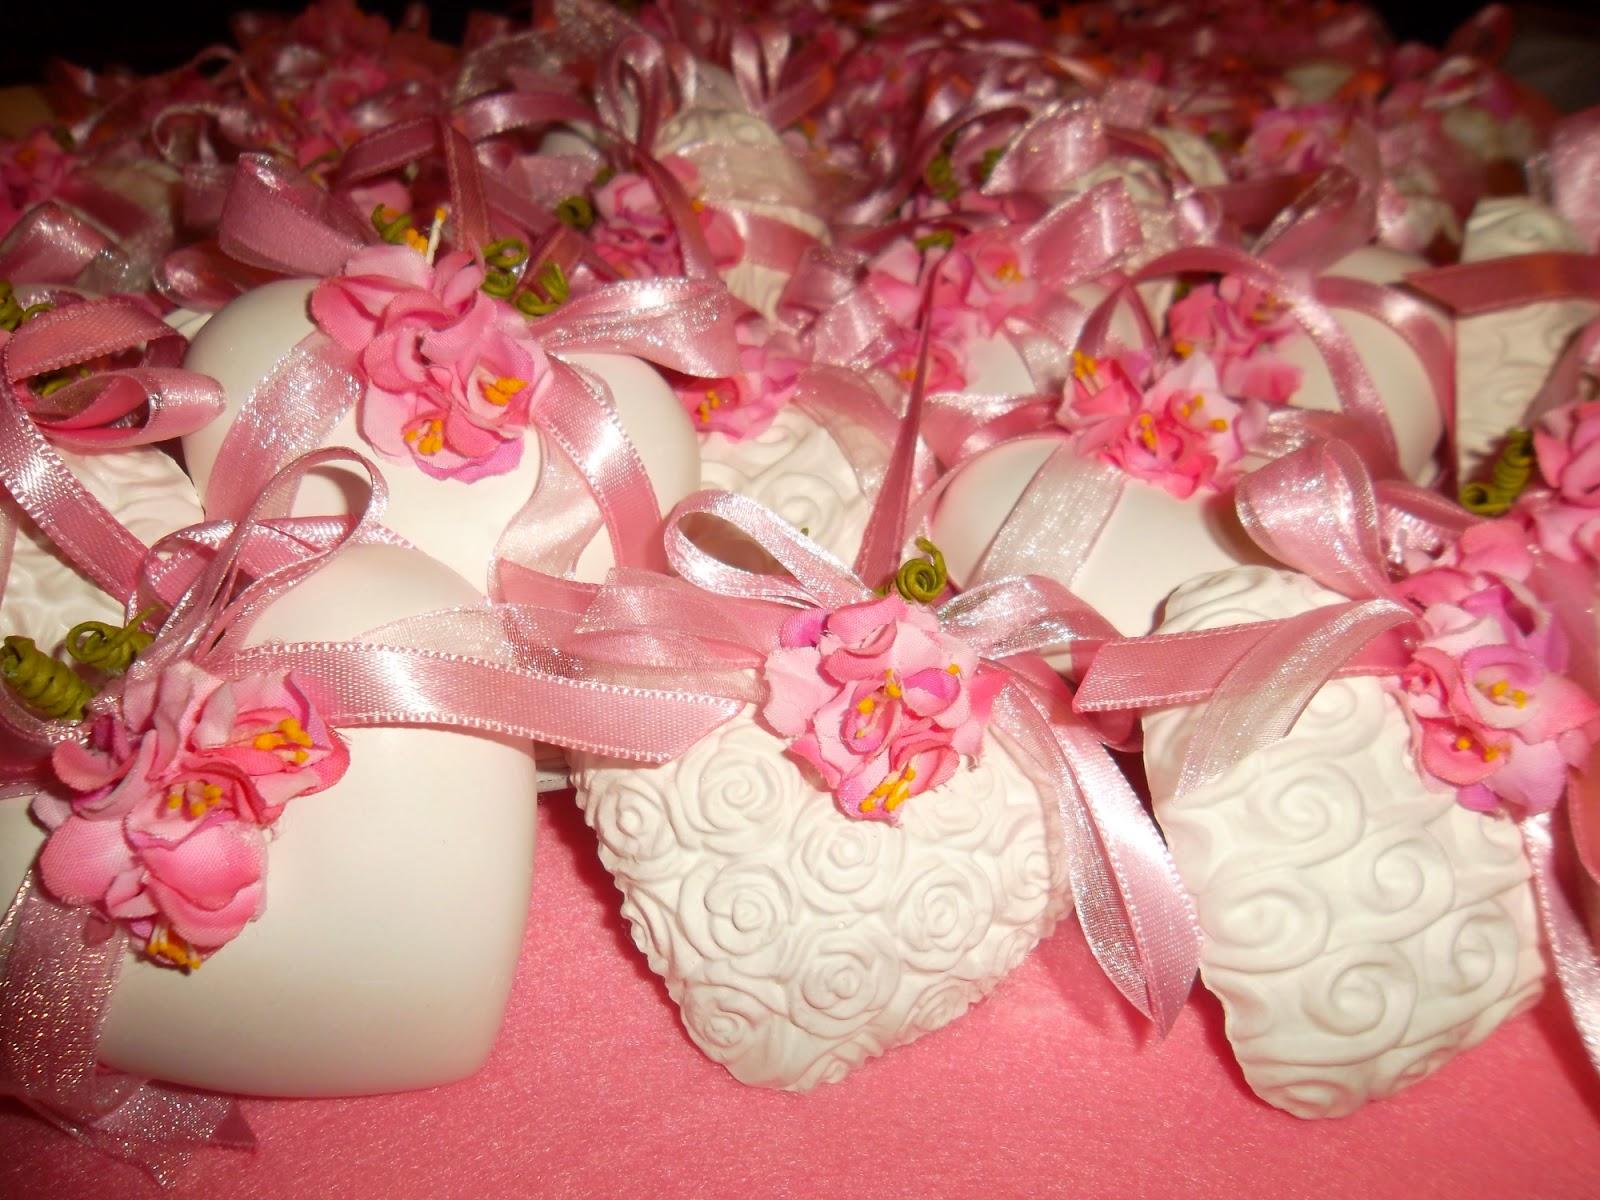 Marianna creazioni e ricami cuori bianchi nastri e fiori - Fiori gialli profumati ...